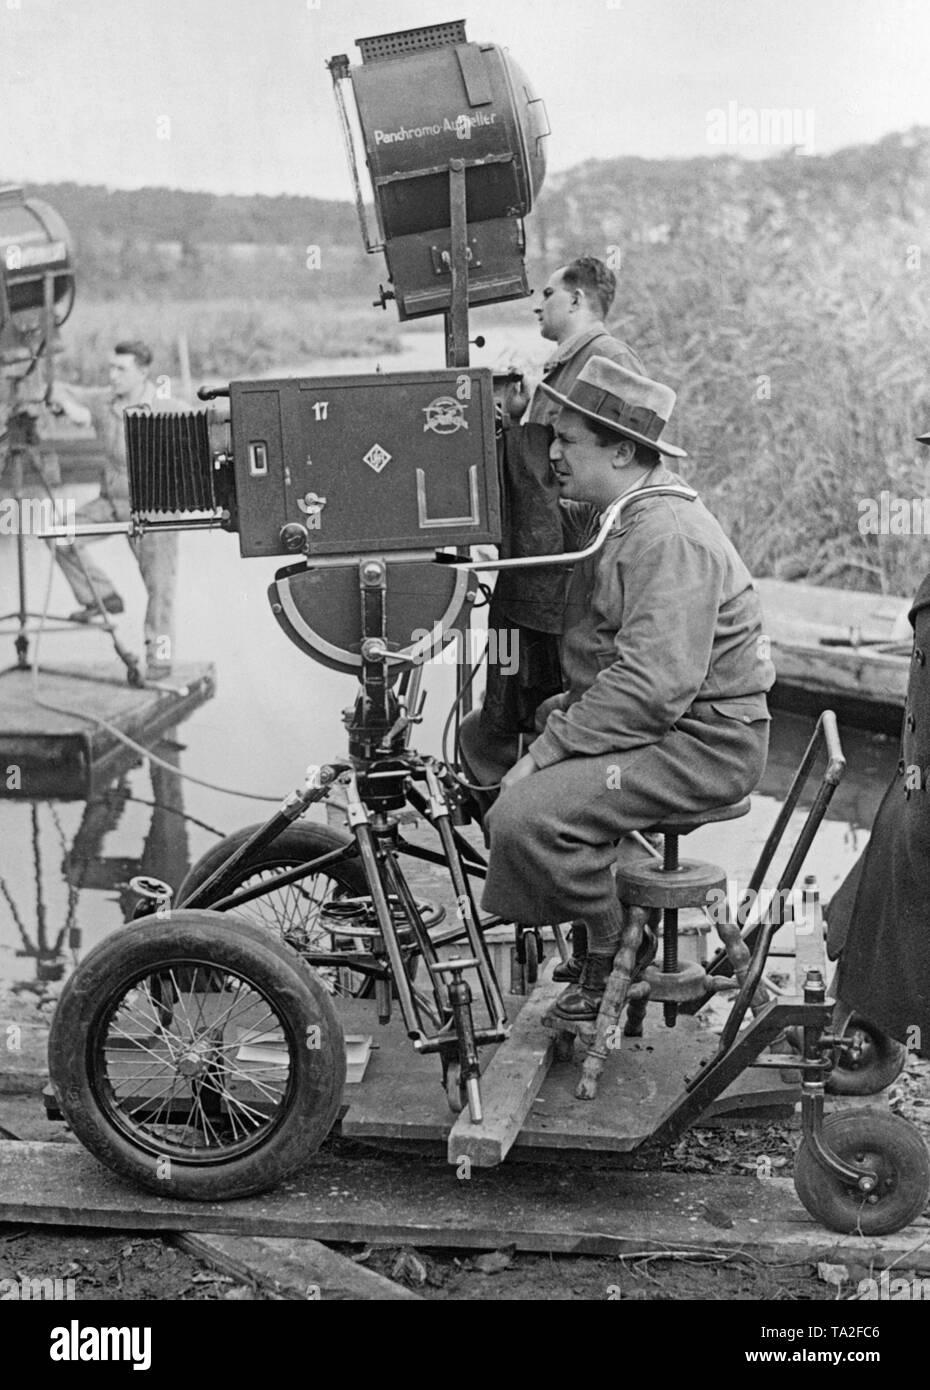 """Foto de un camarógrafo el rodaje de la película """"El Barón gitano', dirigida por Karl Hartl. El camarógrafo se asienta sobre un vehículo de cuatro ruedas circule sobre rieles. La cámara en sí es también montado en este vehículo por medio de un trípode, por lo que ambos son móviles. Foto de stock"""